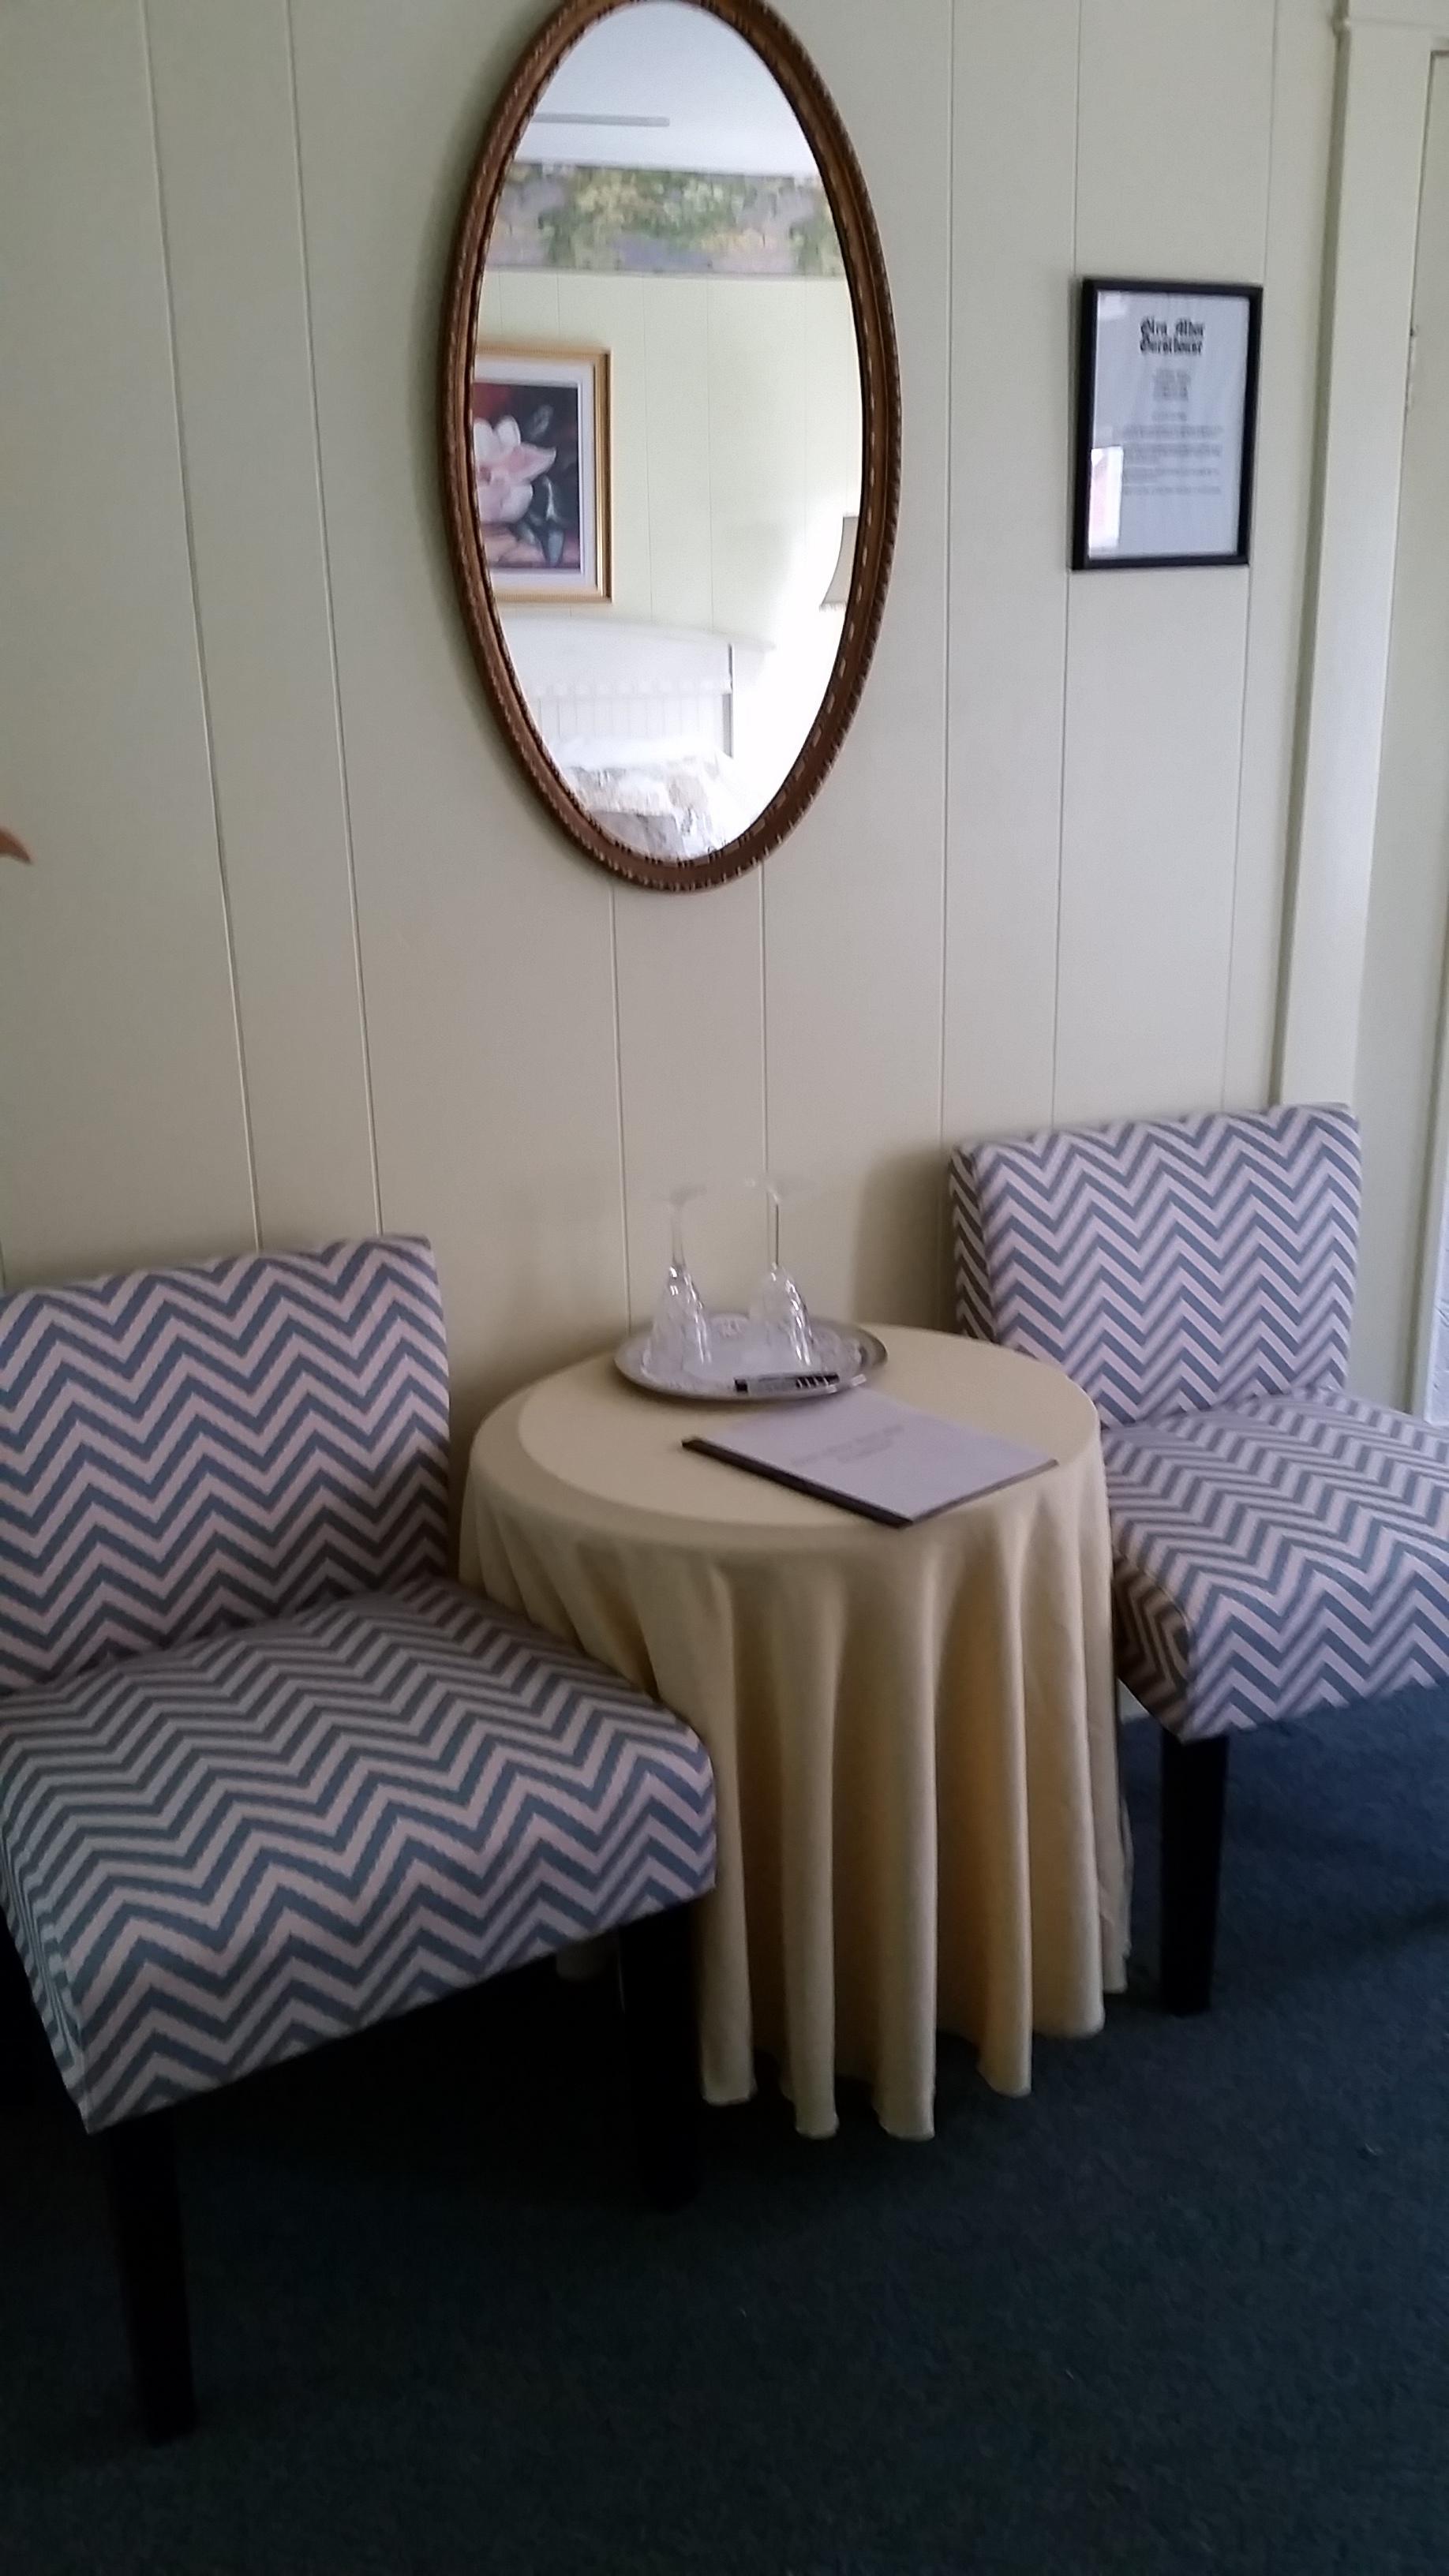 Lily seating may.jpg